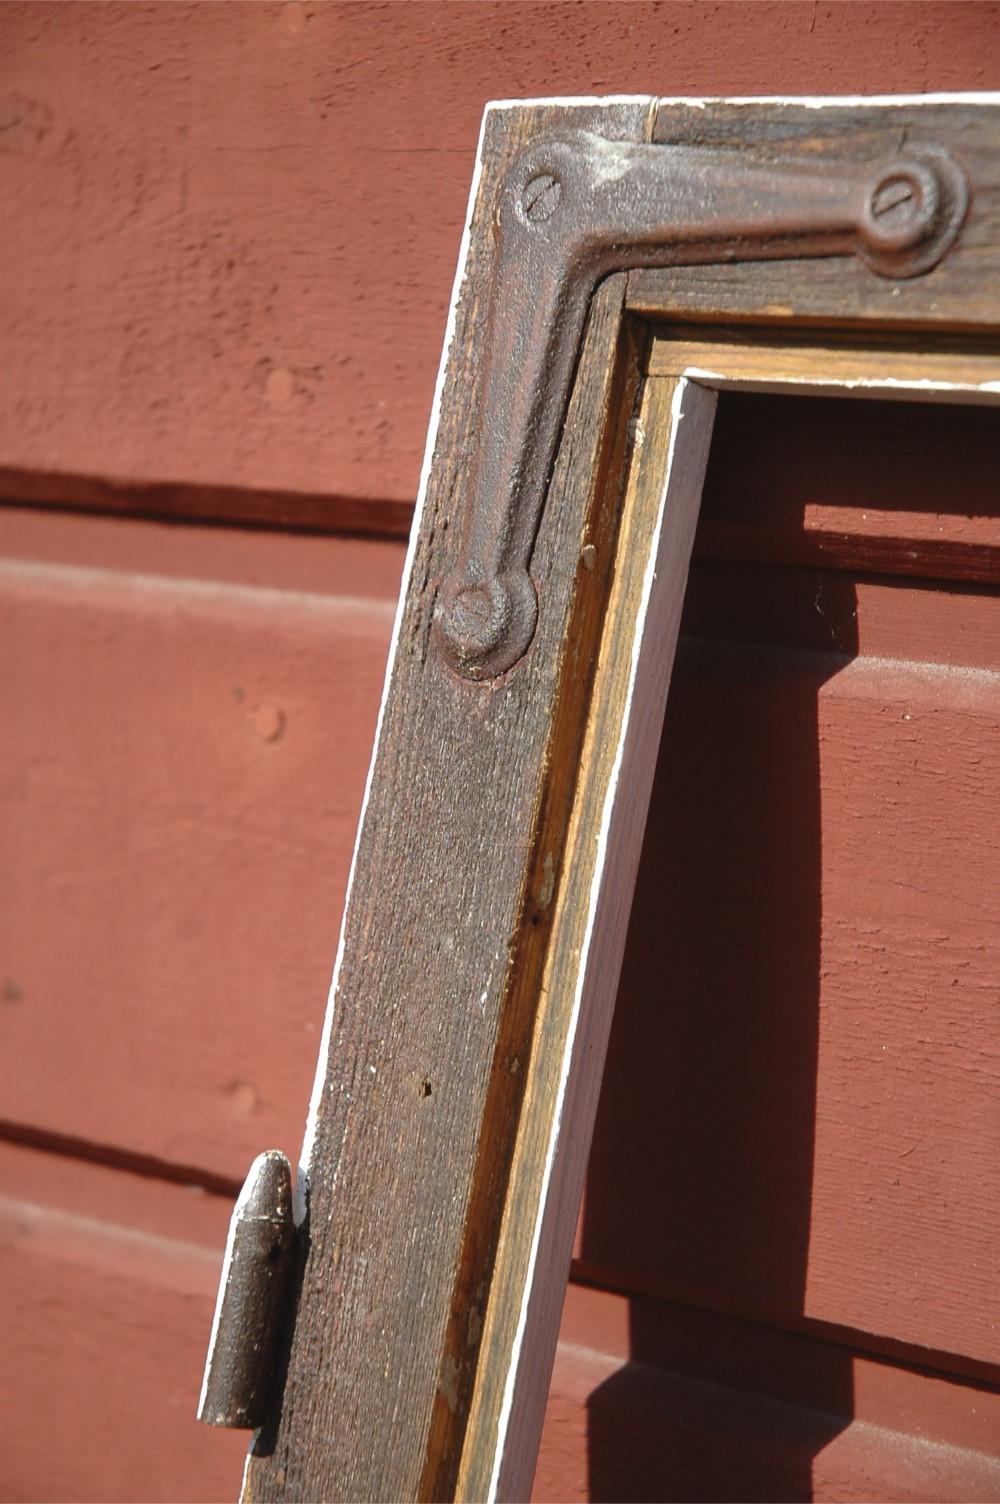 fönsterbåge som oljats med linolja. Foto: Lars Petersson